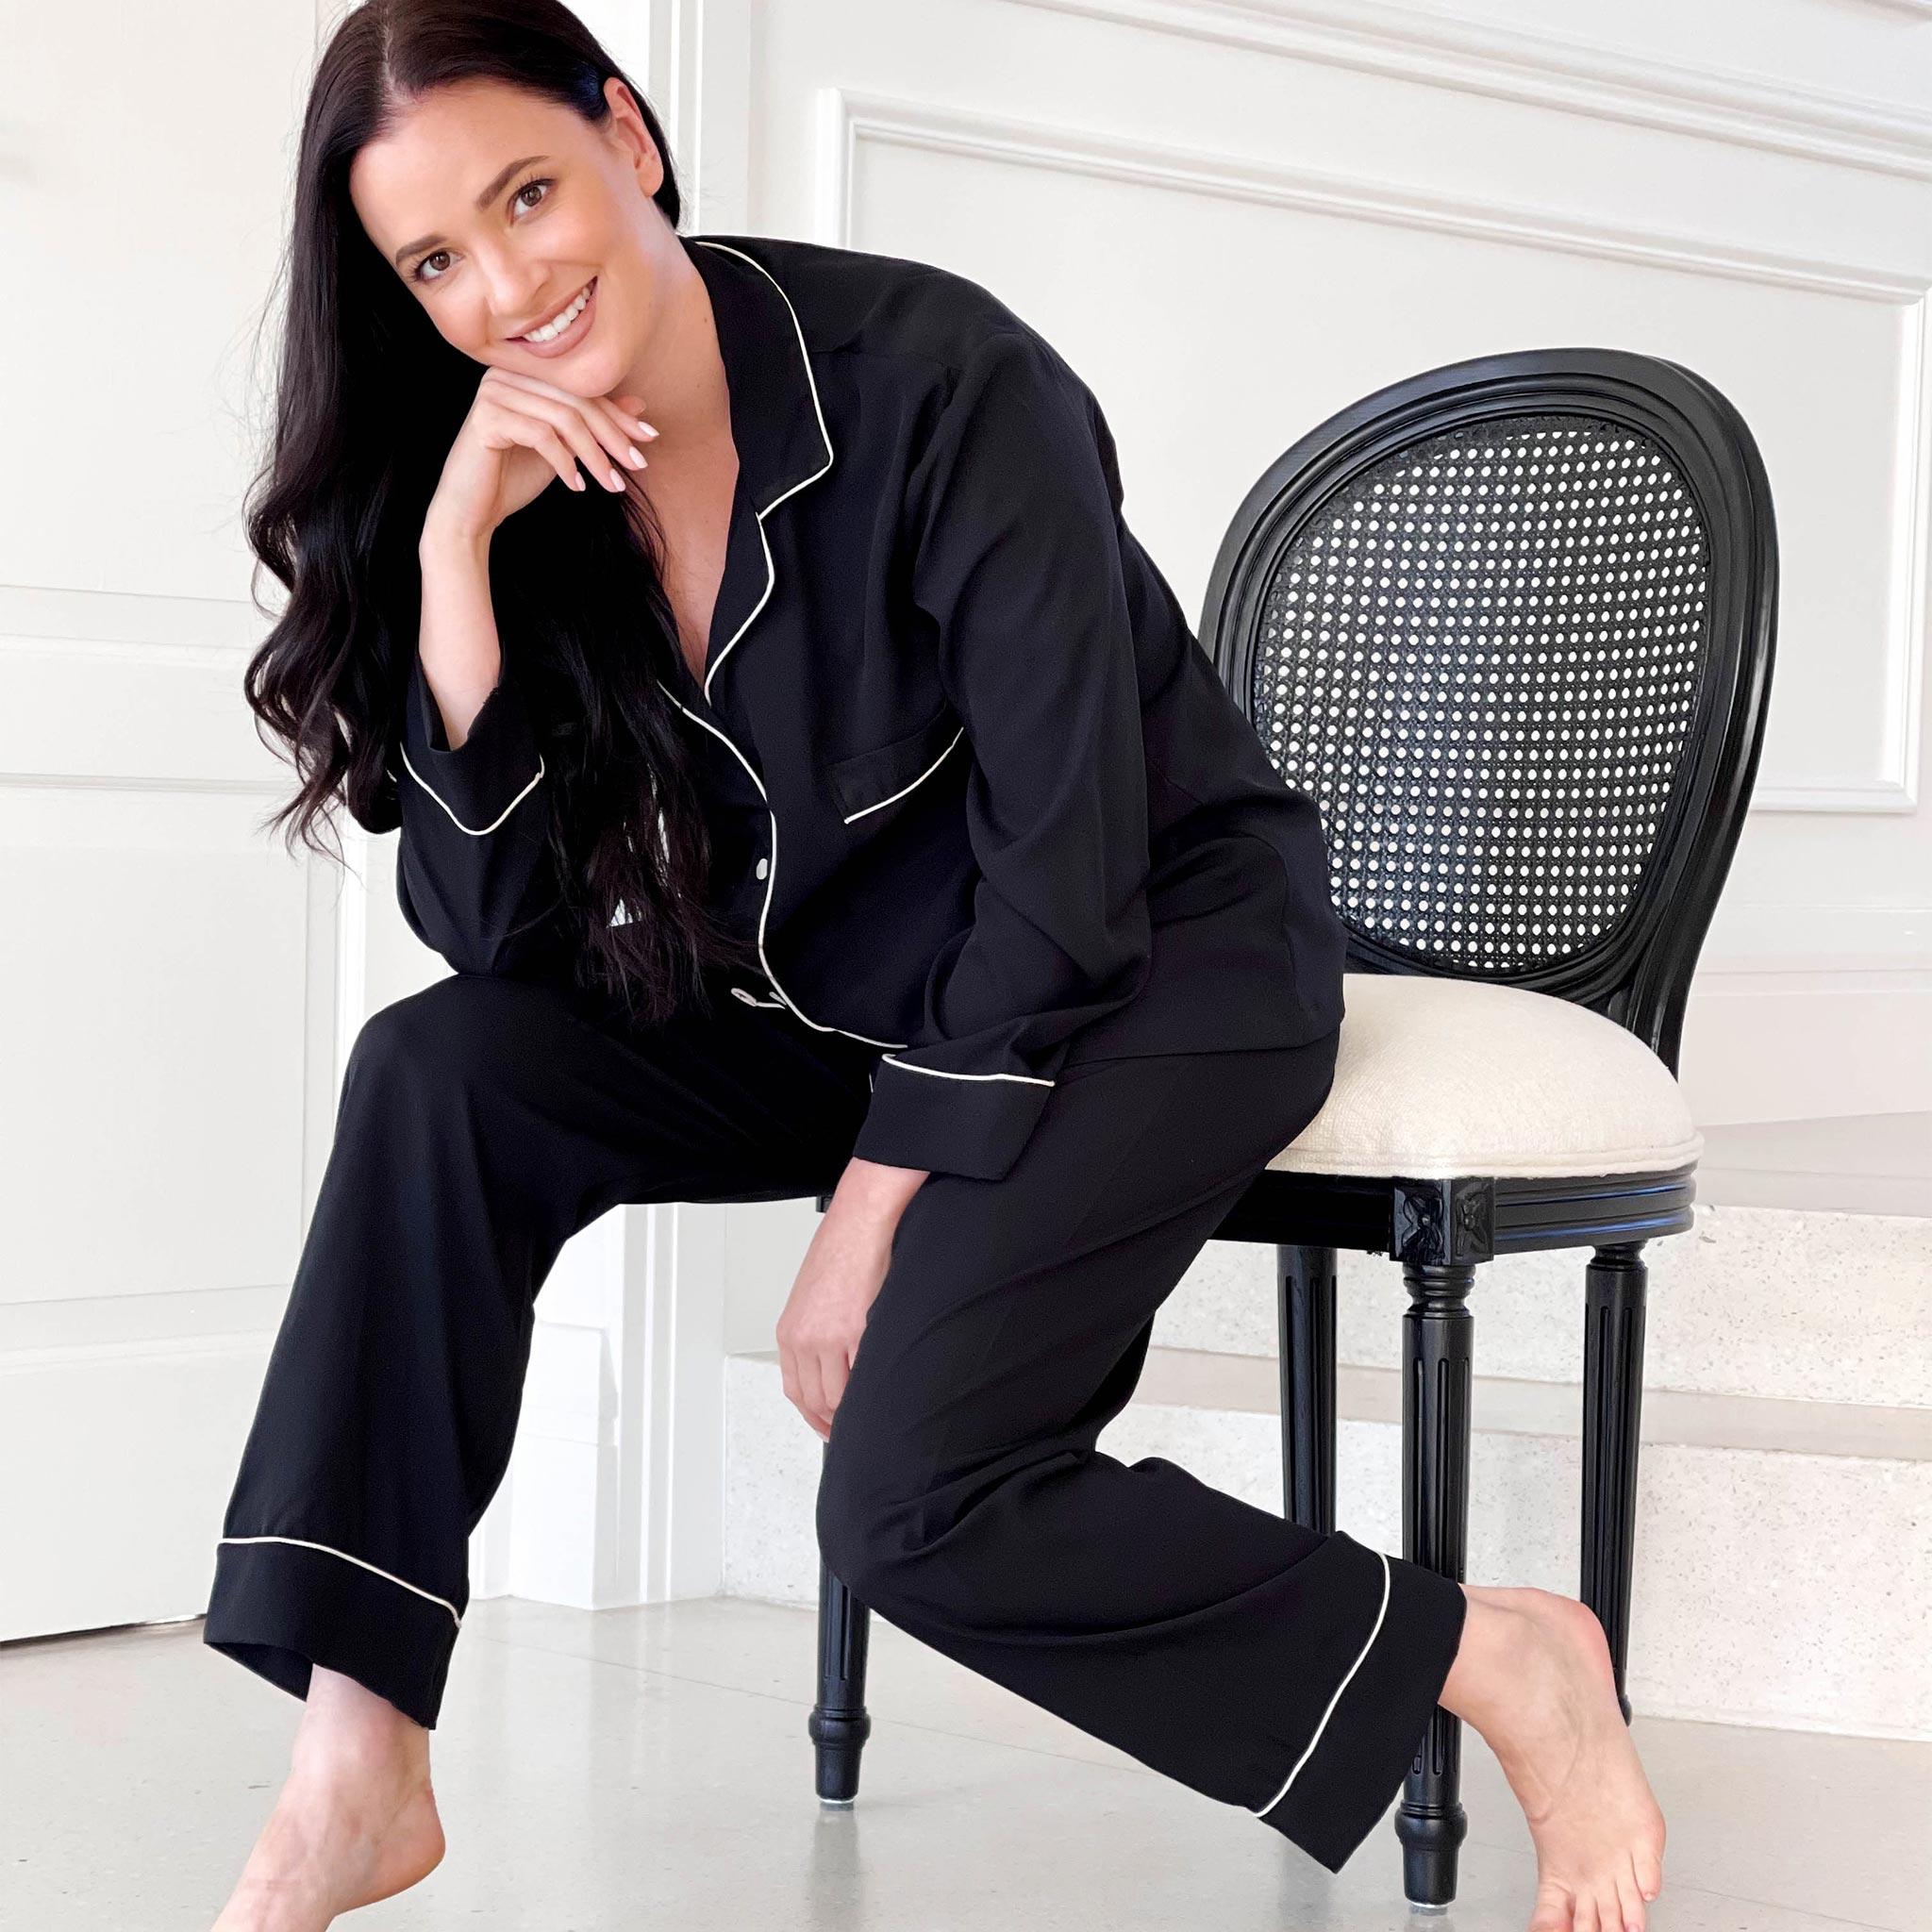 Womens Pajama Luxurious Sleepwear Pajama Black